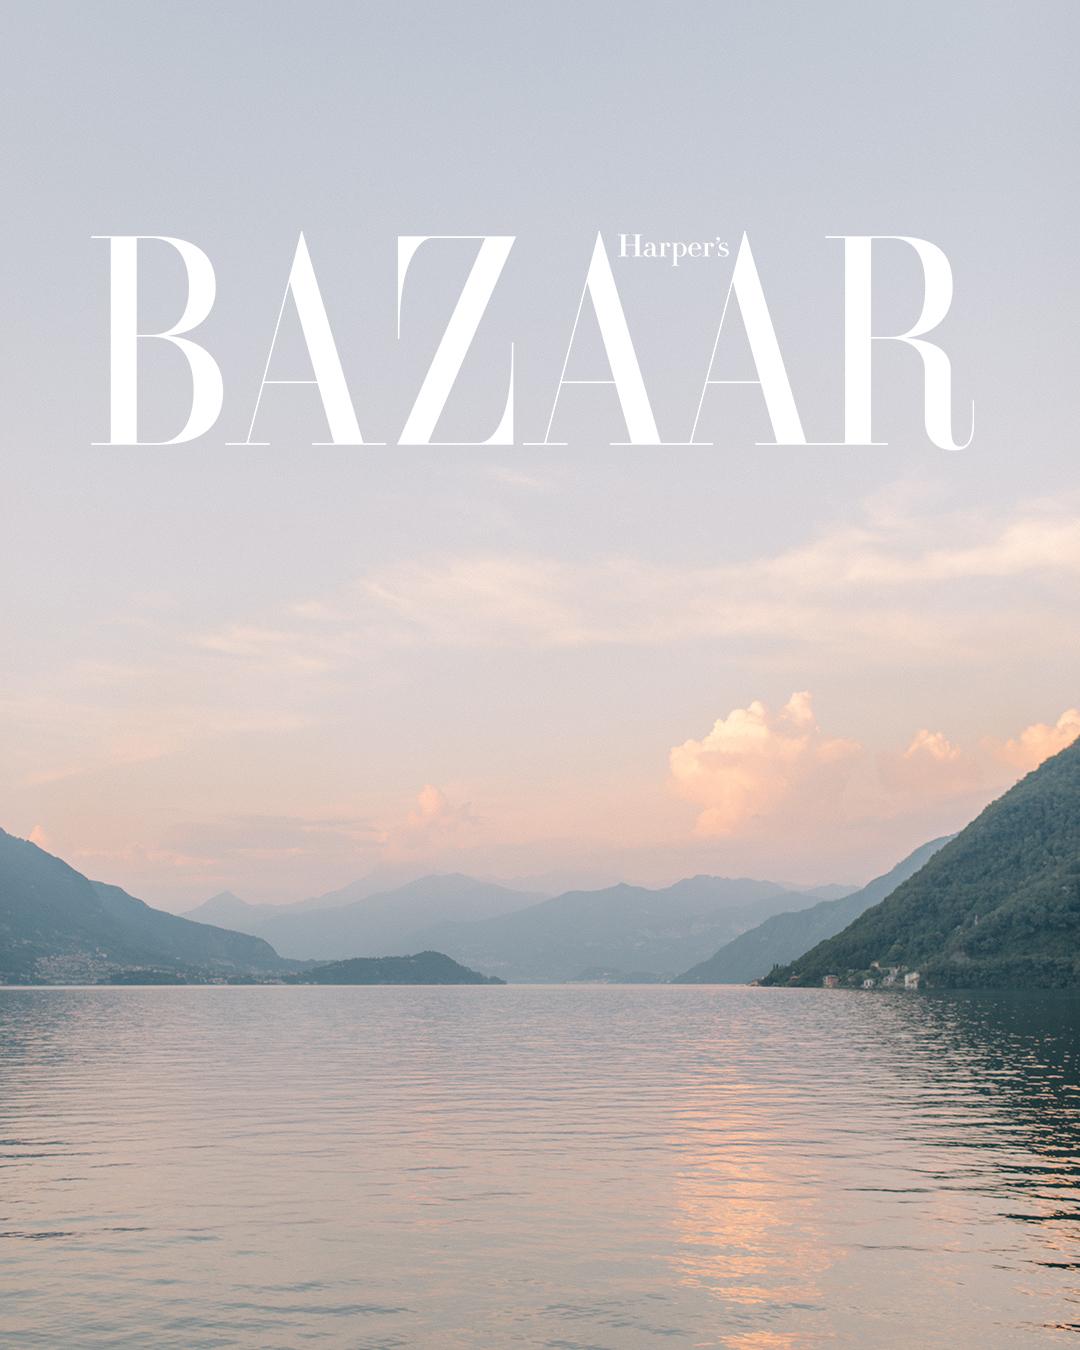 Harpers Bazaar 2020 Travel Guide